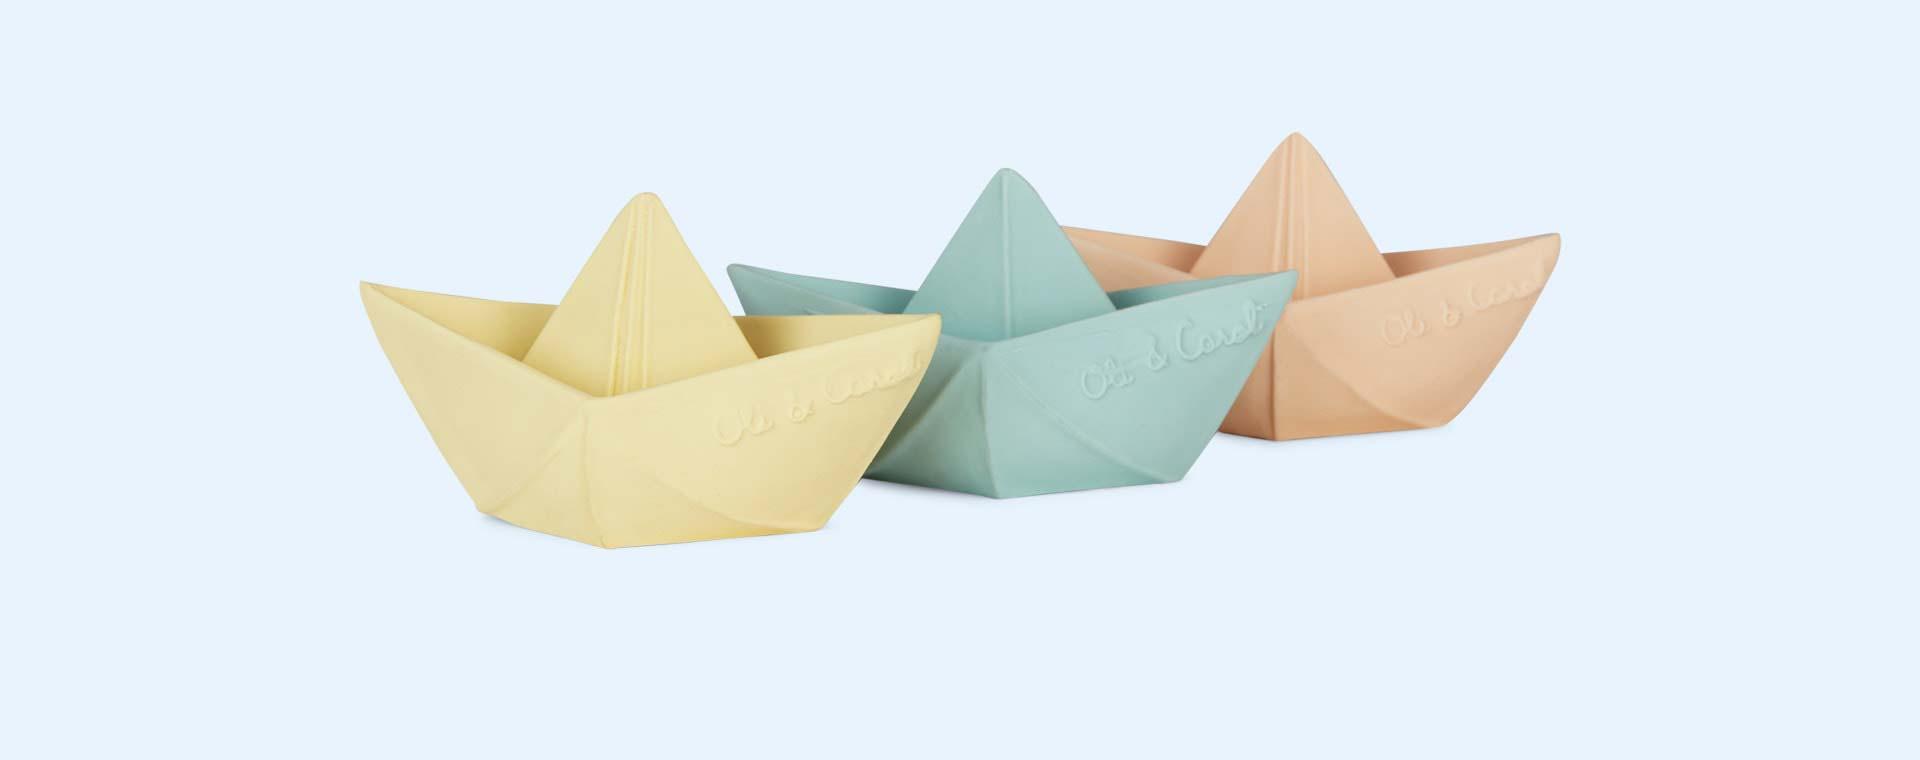 Mint Oli & Carol Origami Boat Bath Toy